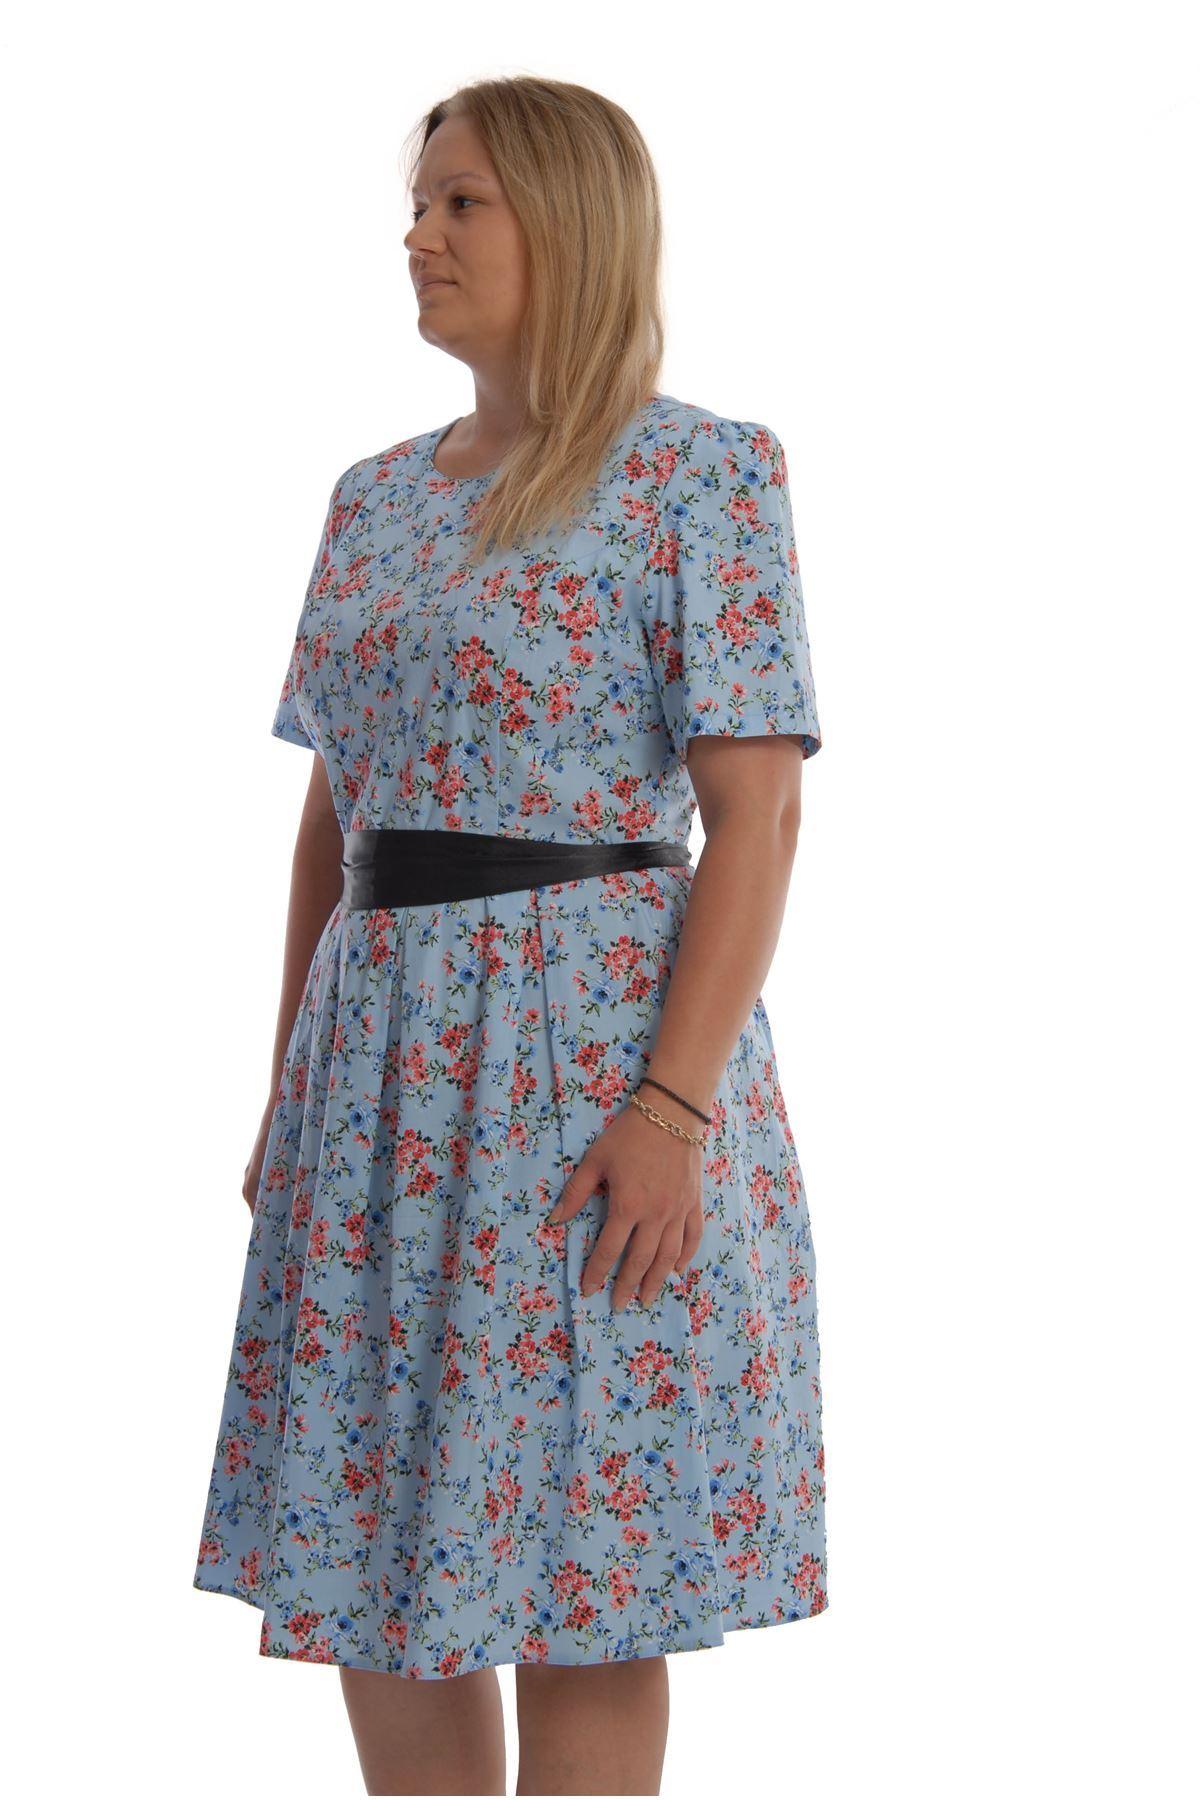 Mavi Çiçekli Elbise K12-68355